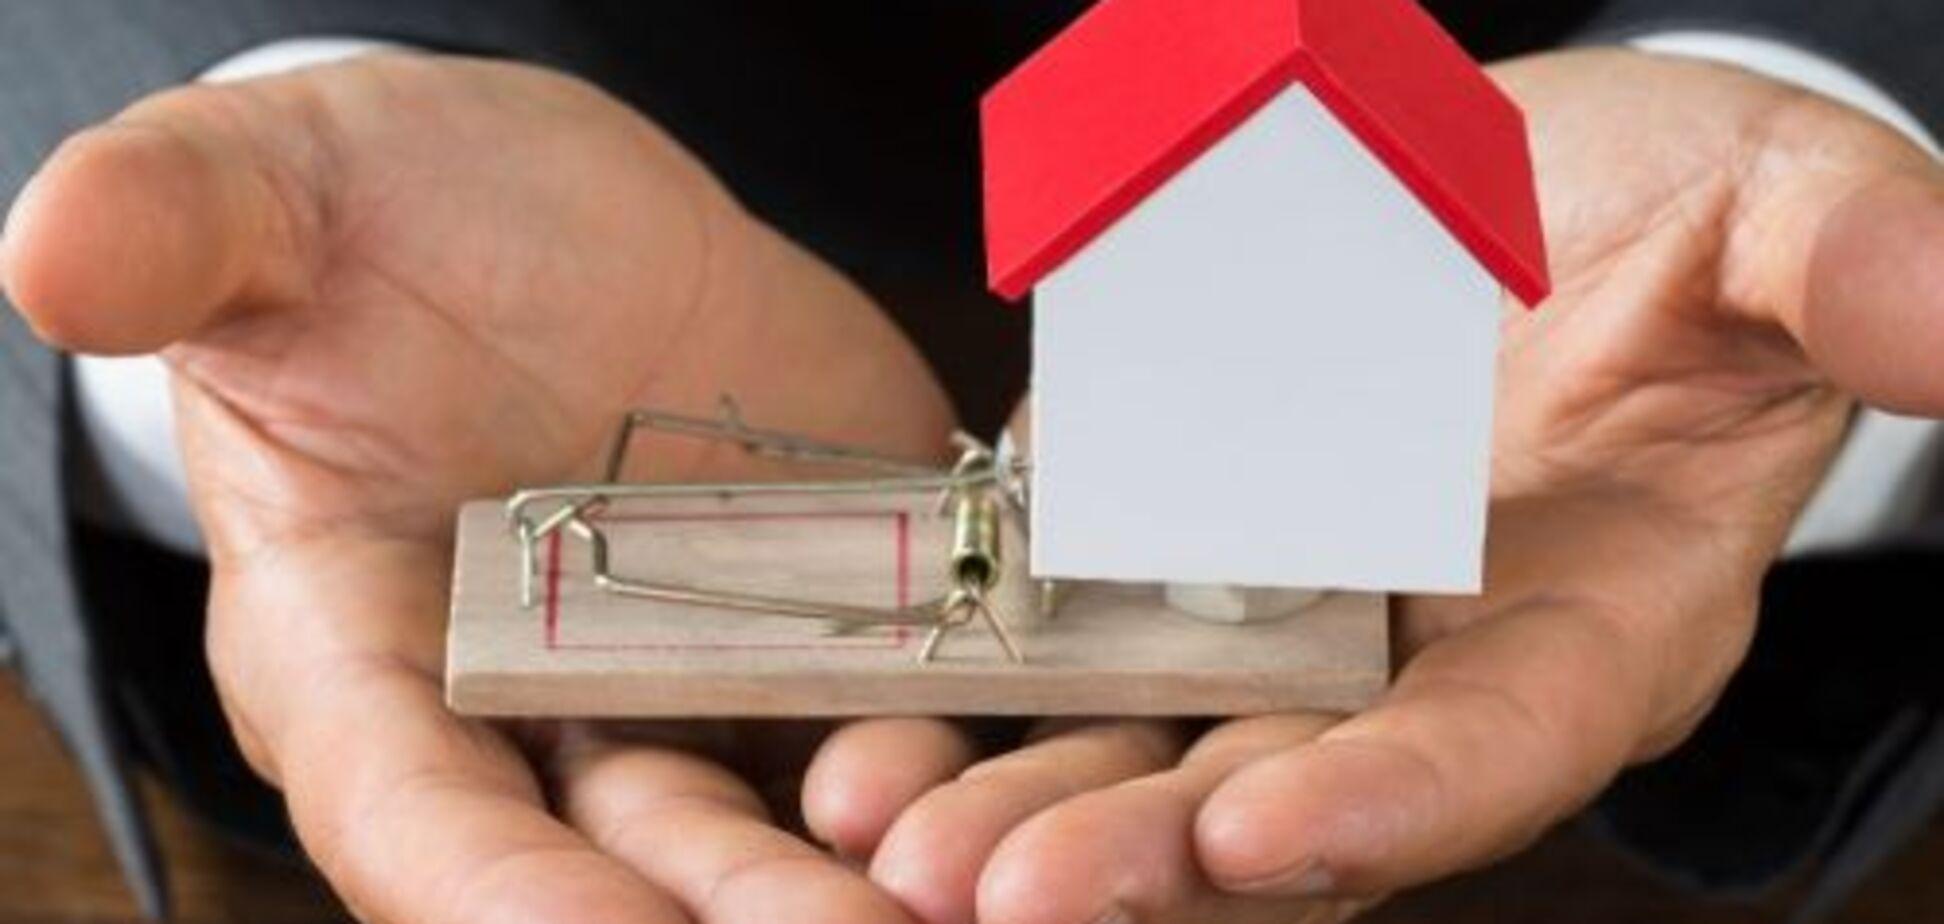 Мошенники активизировались на рынке аренды недвижимости: как не потерять деньги